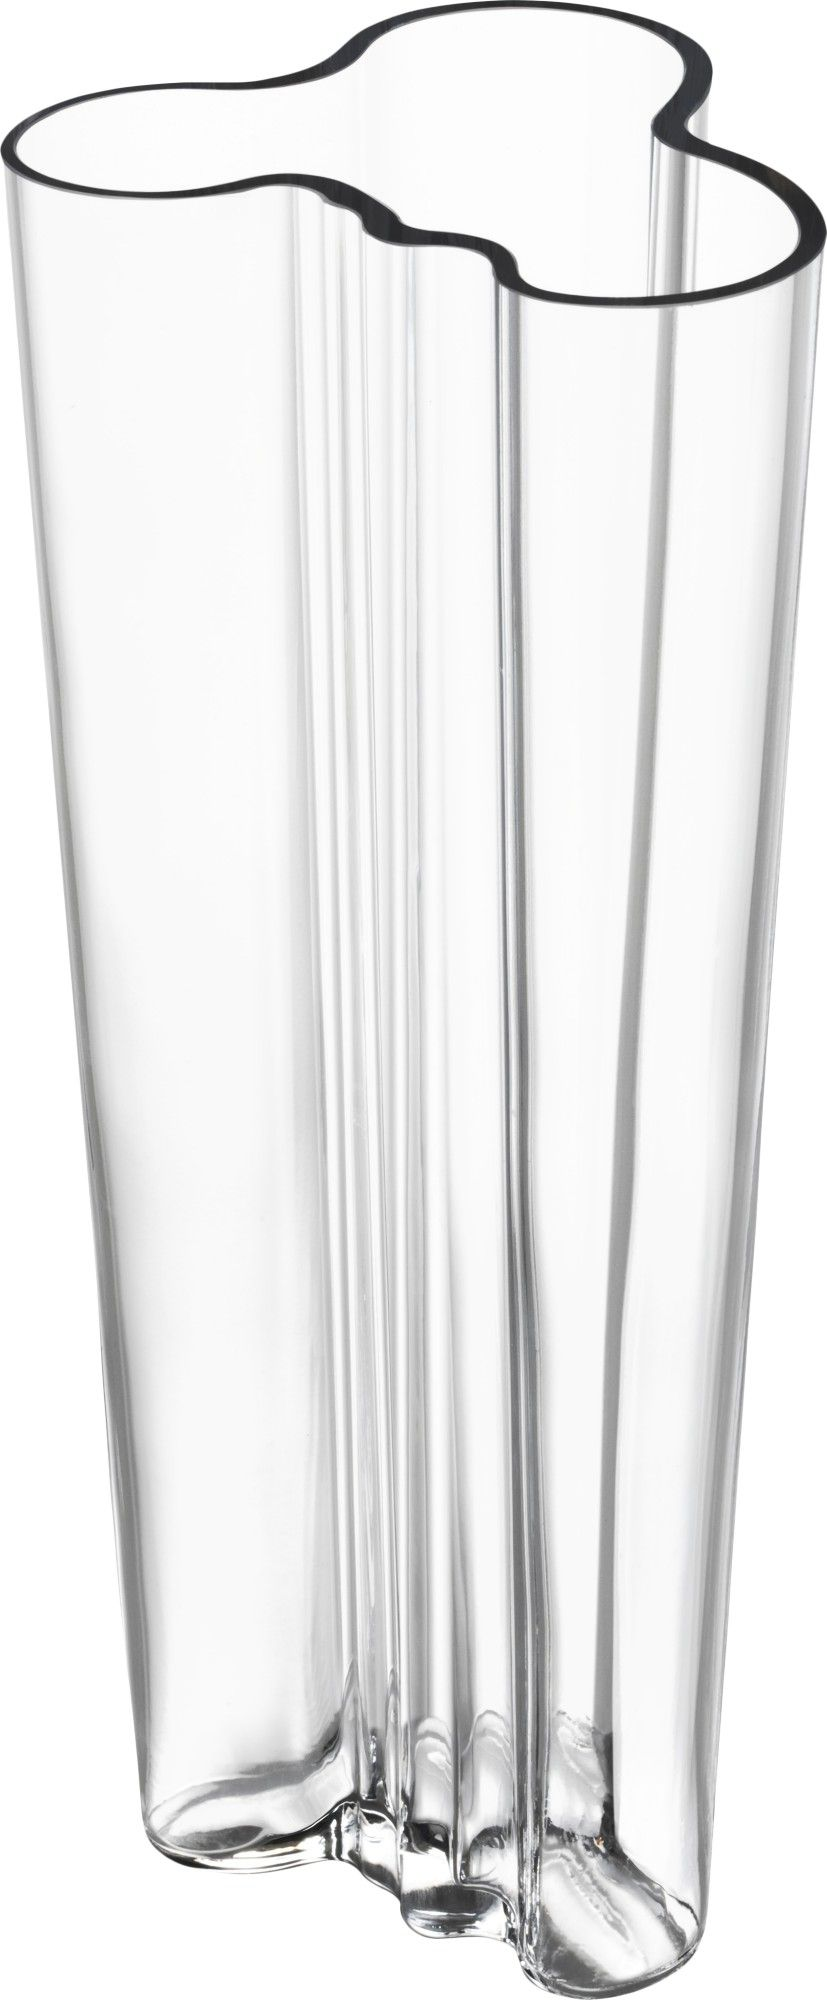 Salle De Bain Petite Fille ~ alvar aalto kokoelma maljakko 255 mm alvar aalto pinterest